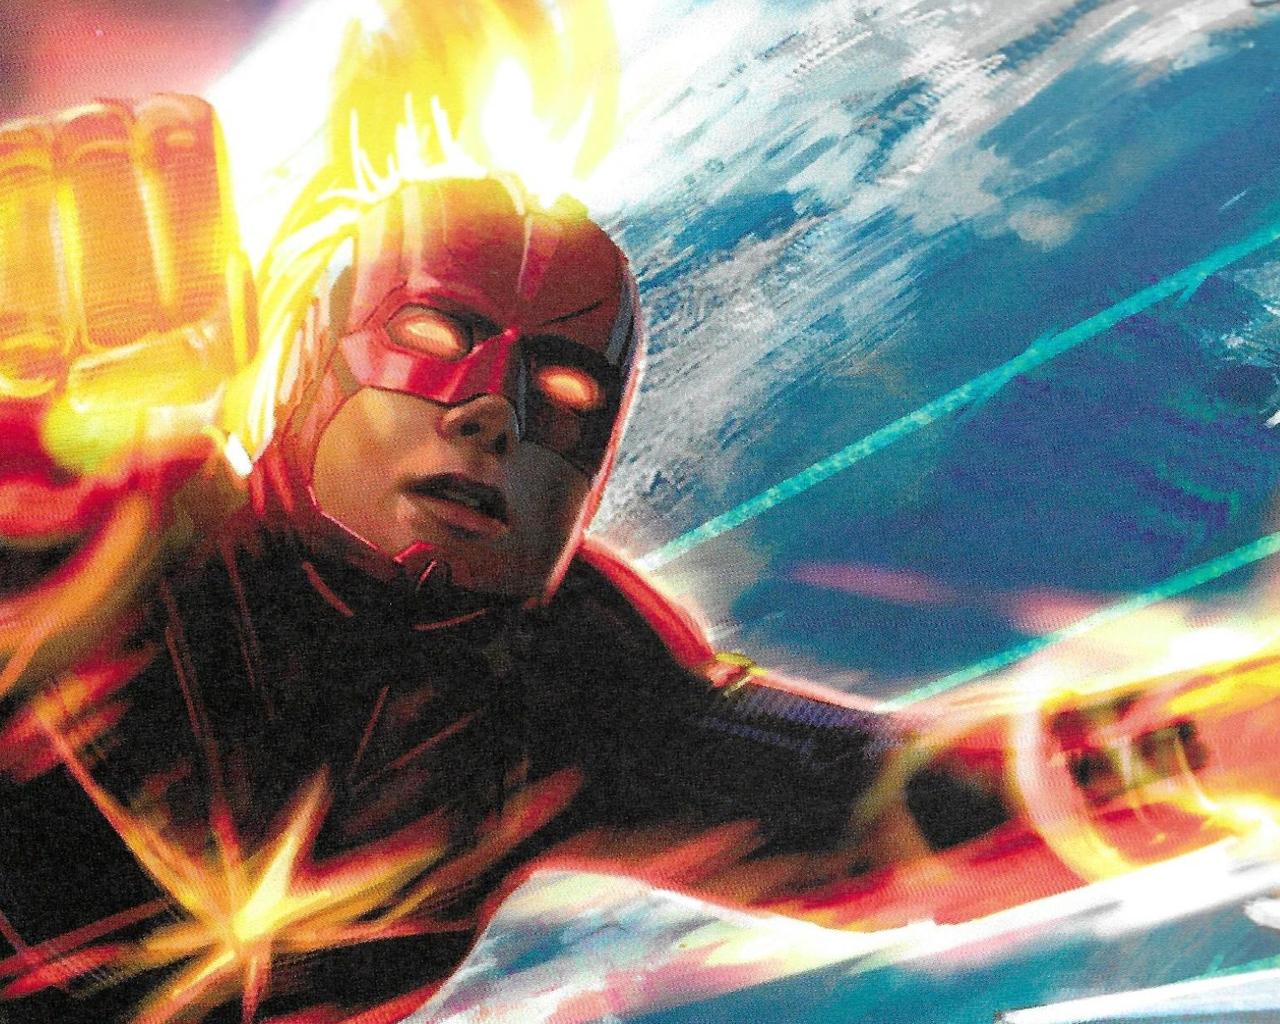 captain-marvel-concept-art-j2.jpg